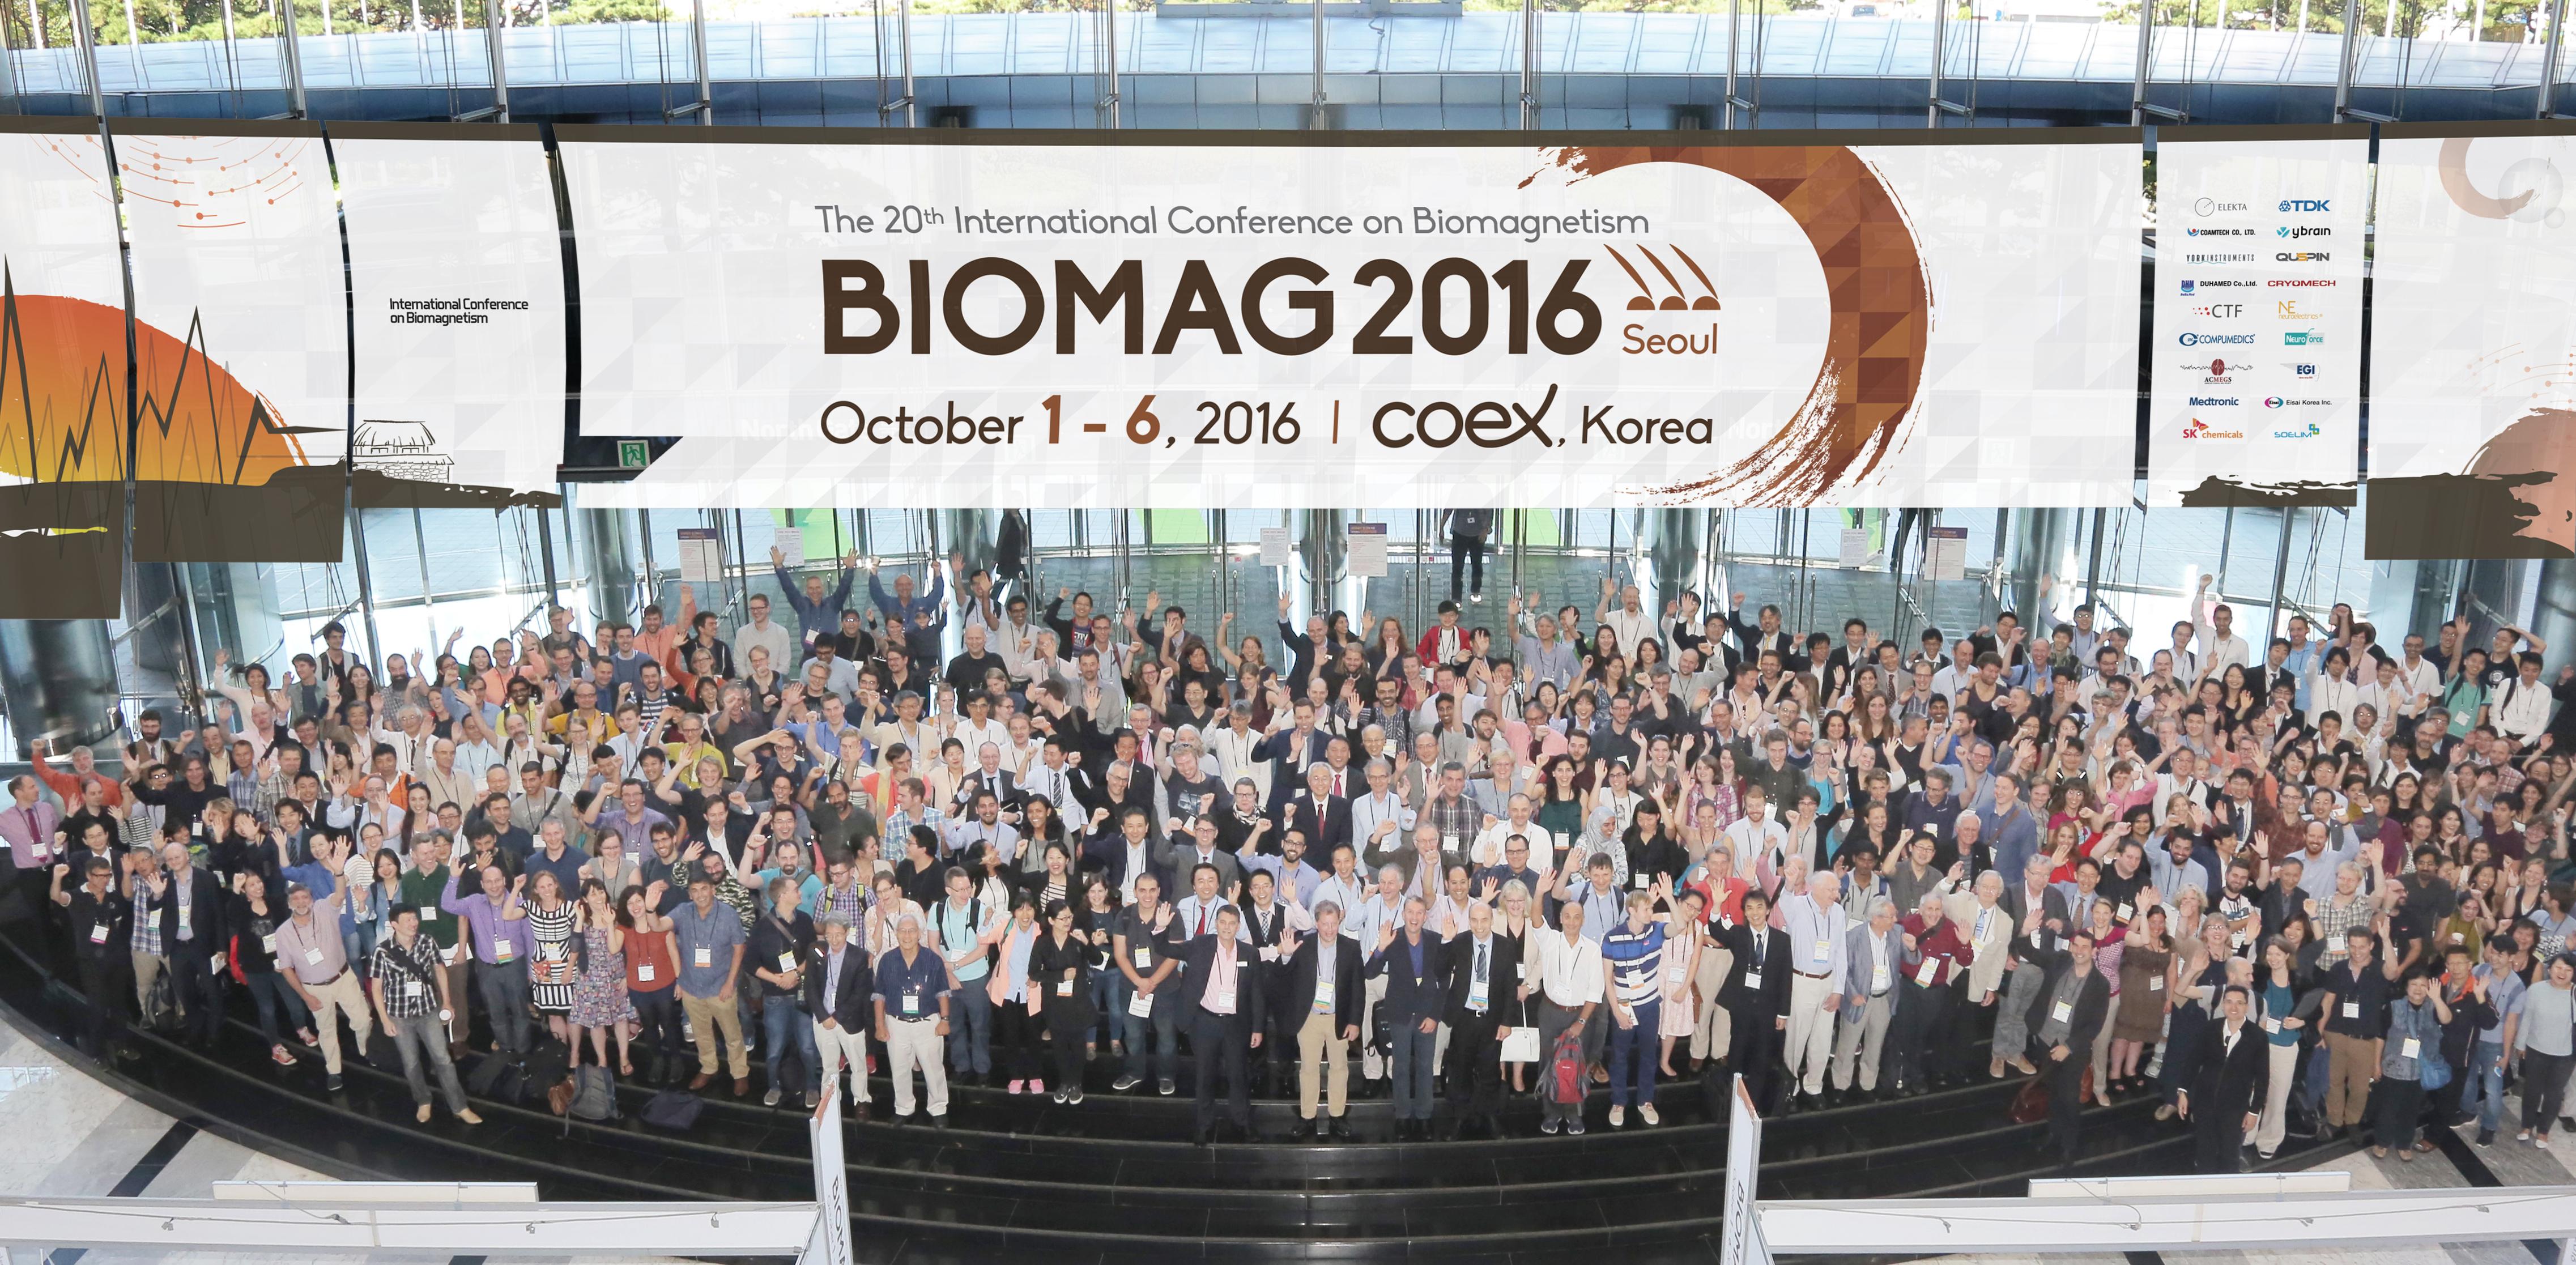 Biomag2016